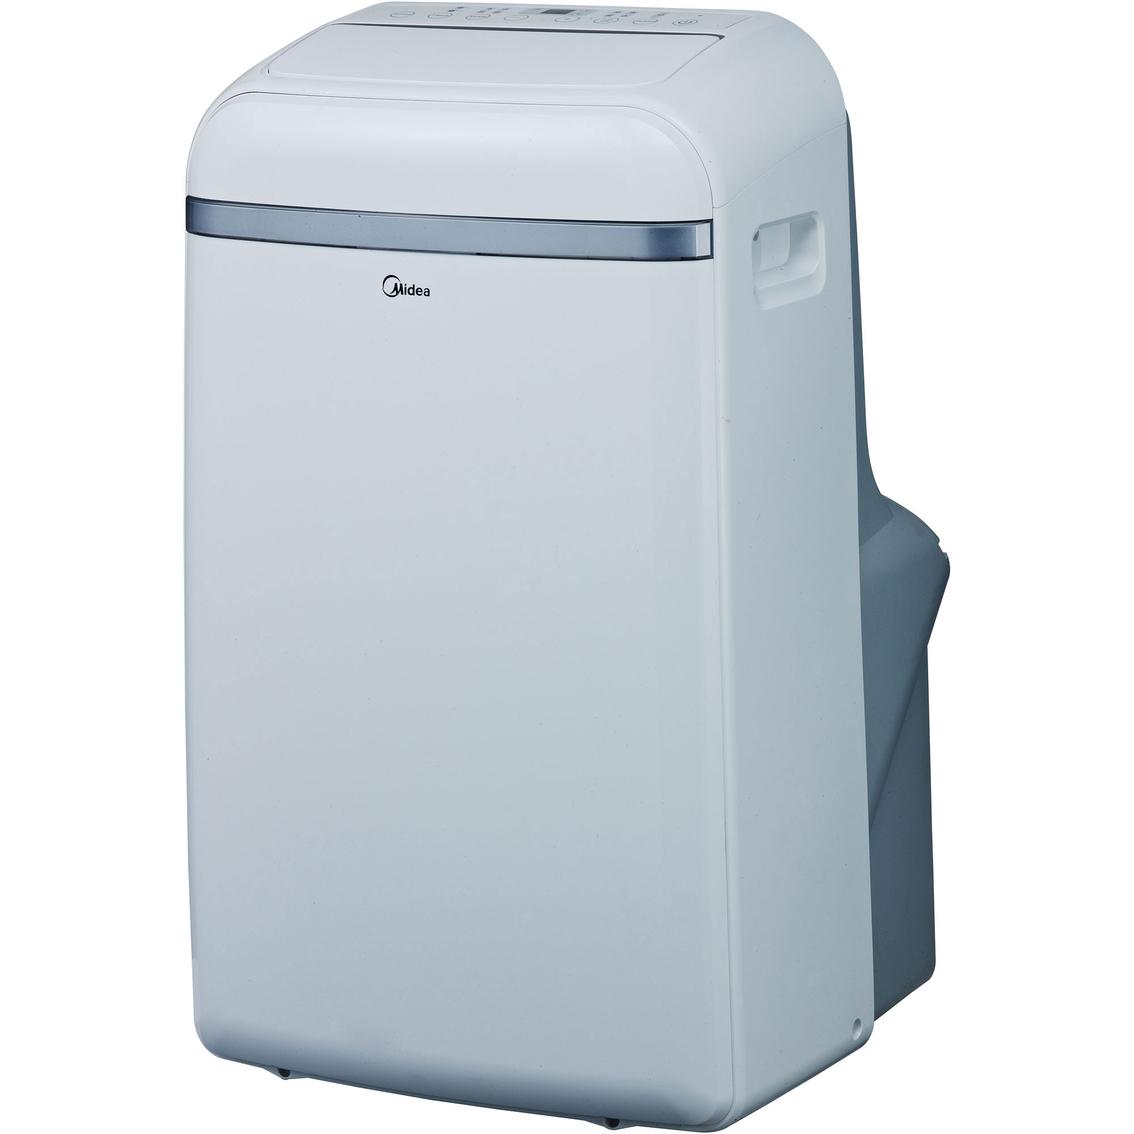 Midea 12 000 Btu Portable Air Conditioner Portable Air Conditioners  #2F3E49